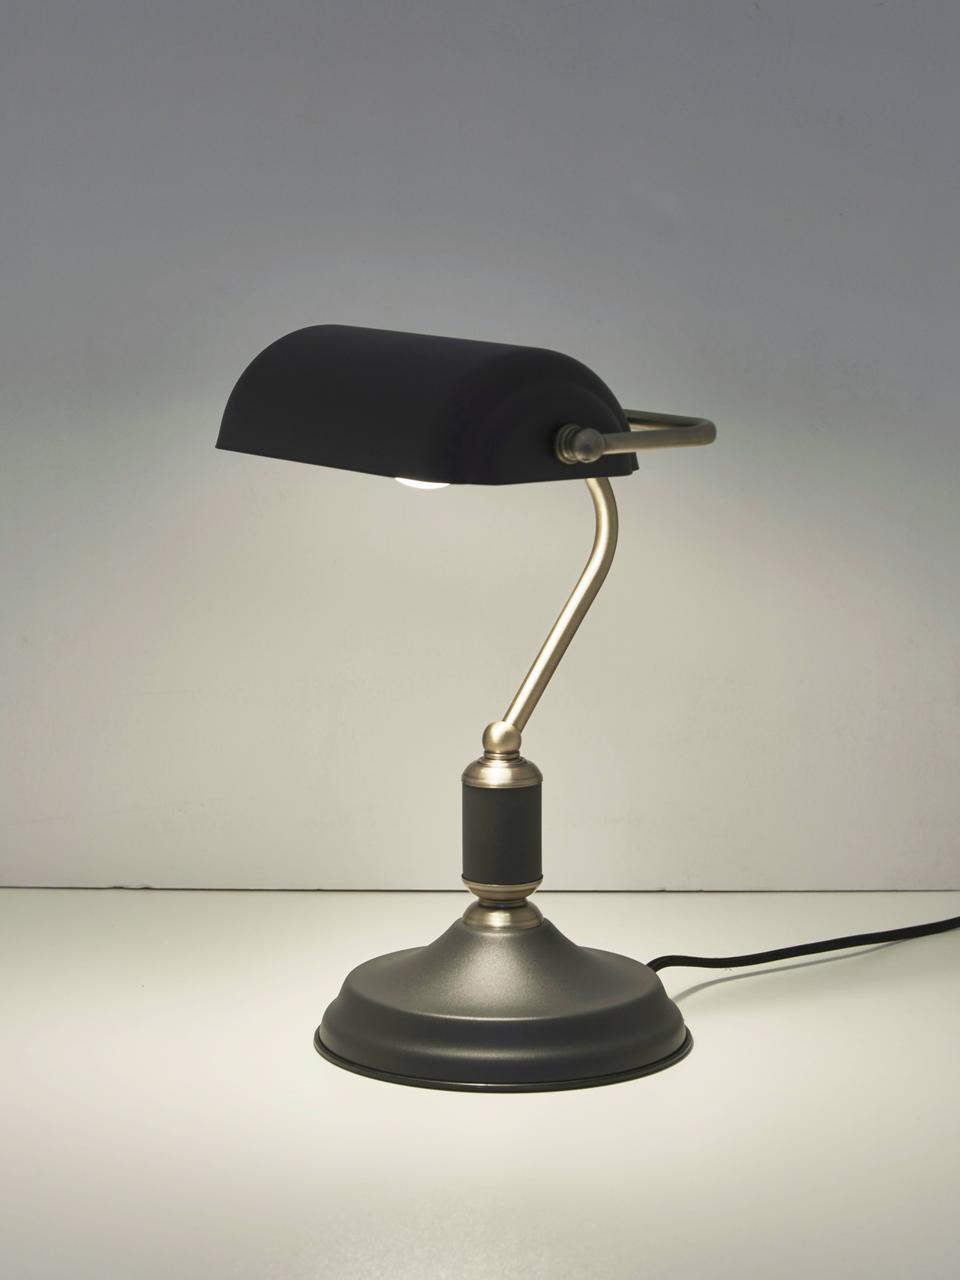 Retro-Schreibtischlampe Bank aus Metall, Lampenschirm: Metall, beschichtet, Lampenfuß: Metall, beschichtet, Anthrazit, Messingfarben, 22 x 34 cm